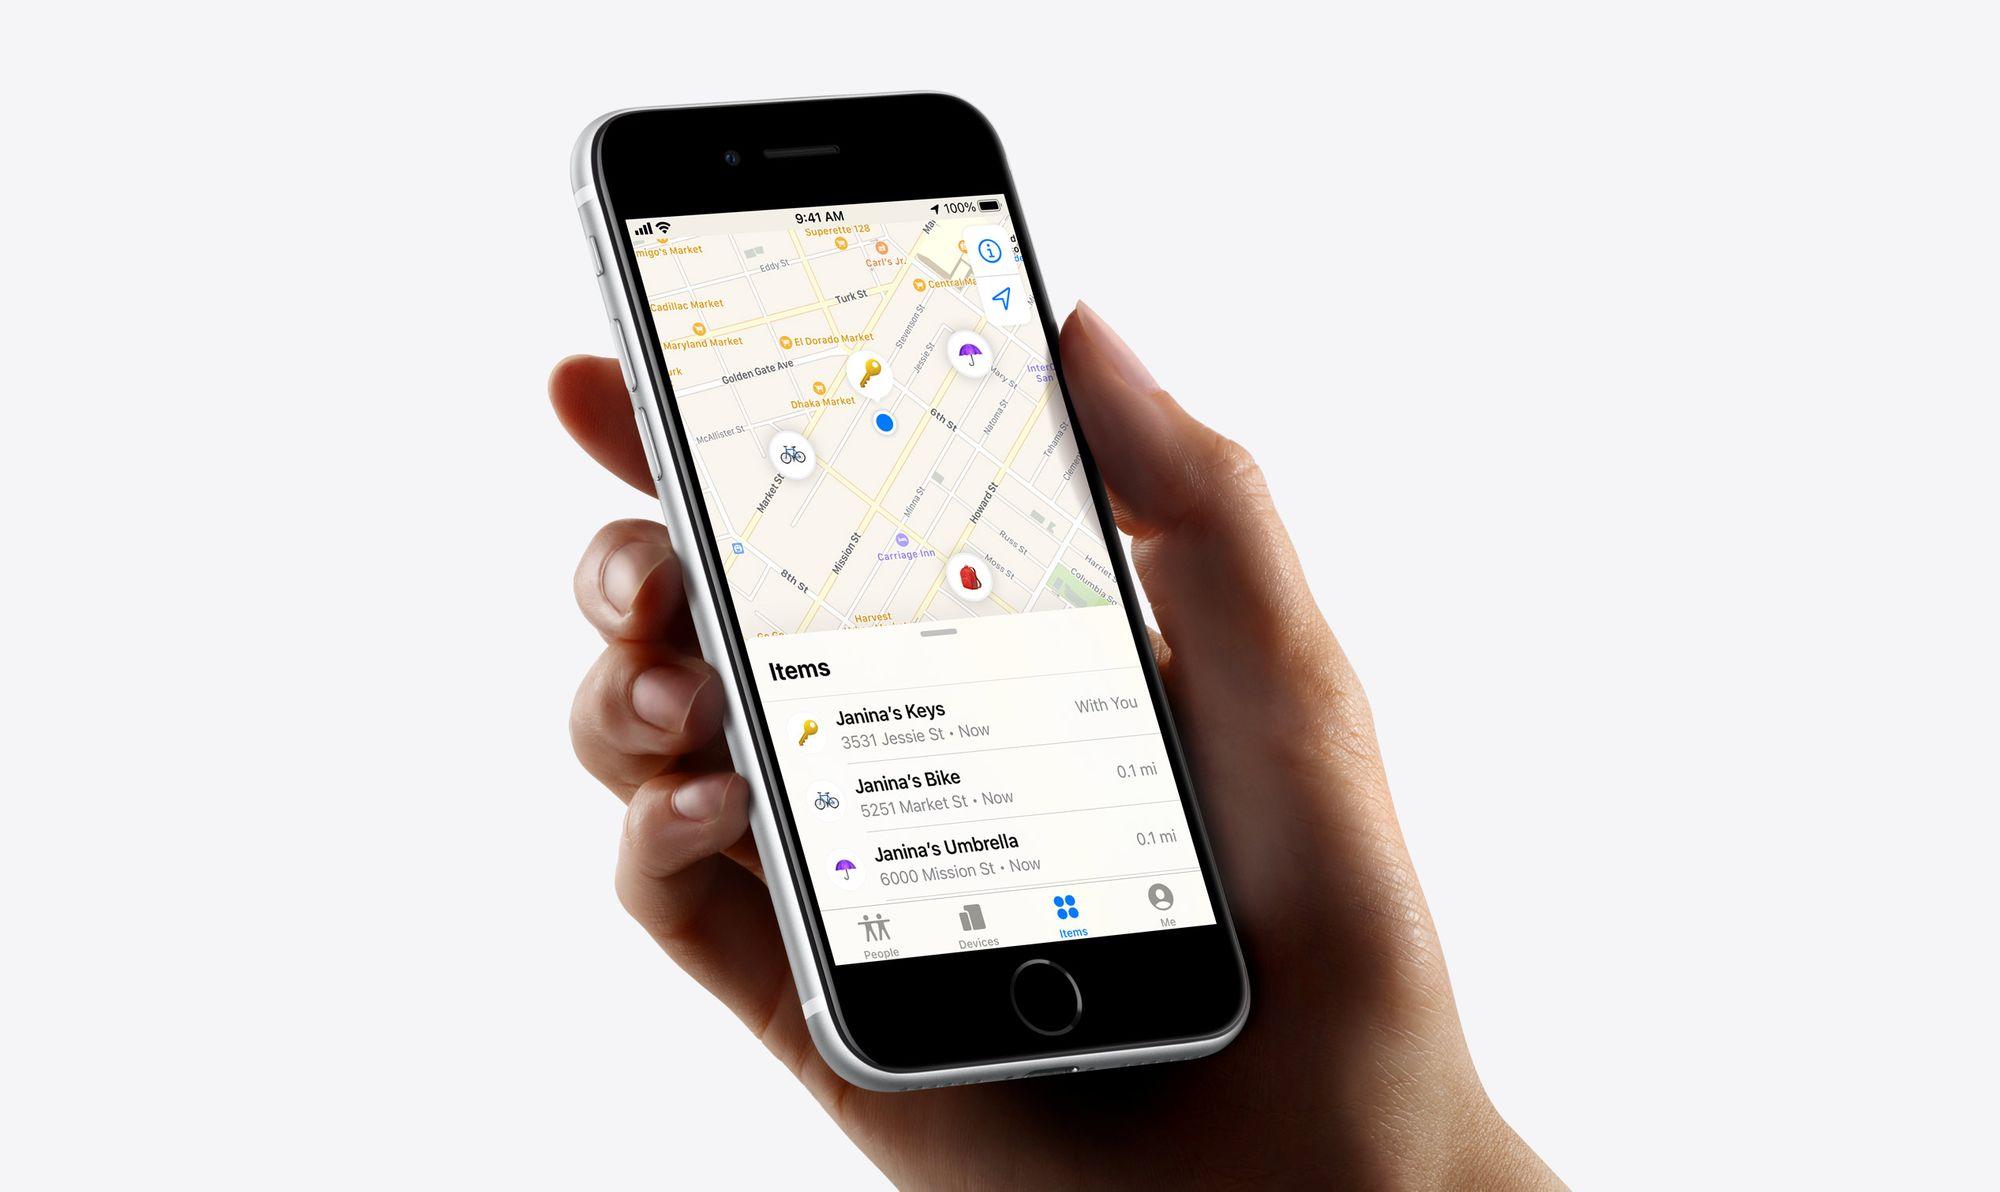 Encontrar items na aplicação Encontrar no iPhone